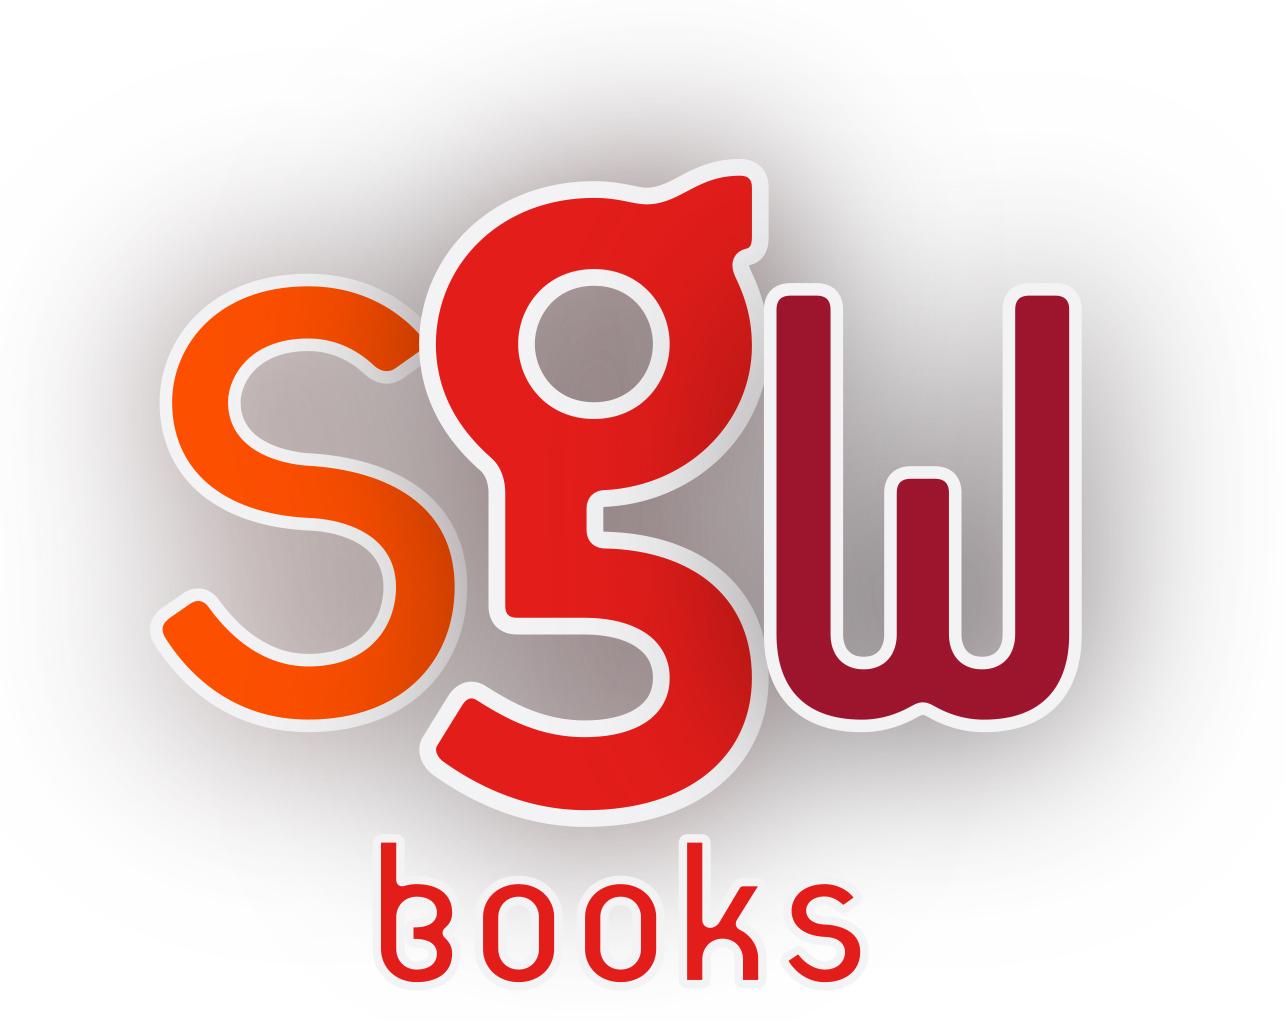 Logo Design by Nona Smith - Entry No. 86 in the Logo Design Contest SGW Books Logo Design.